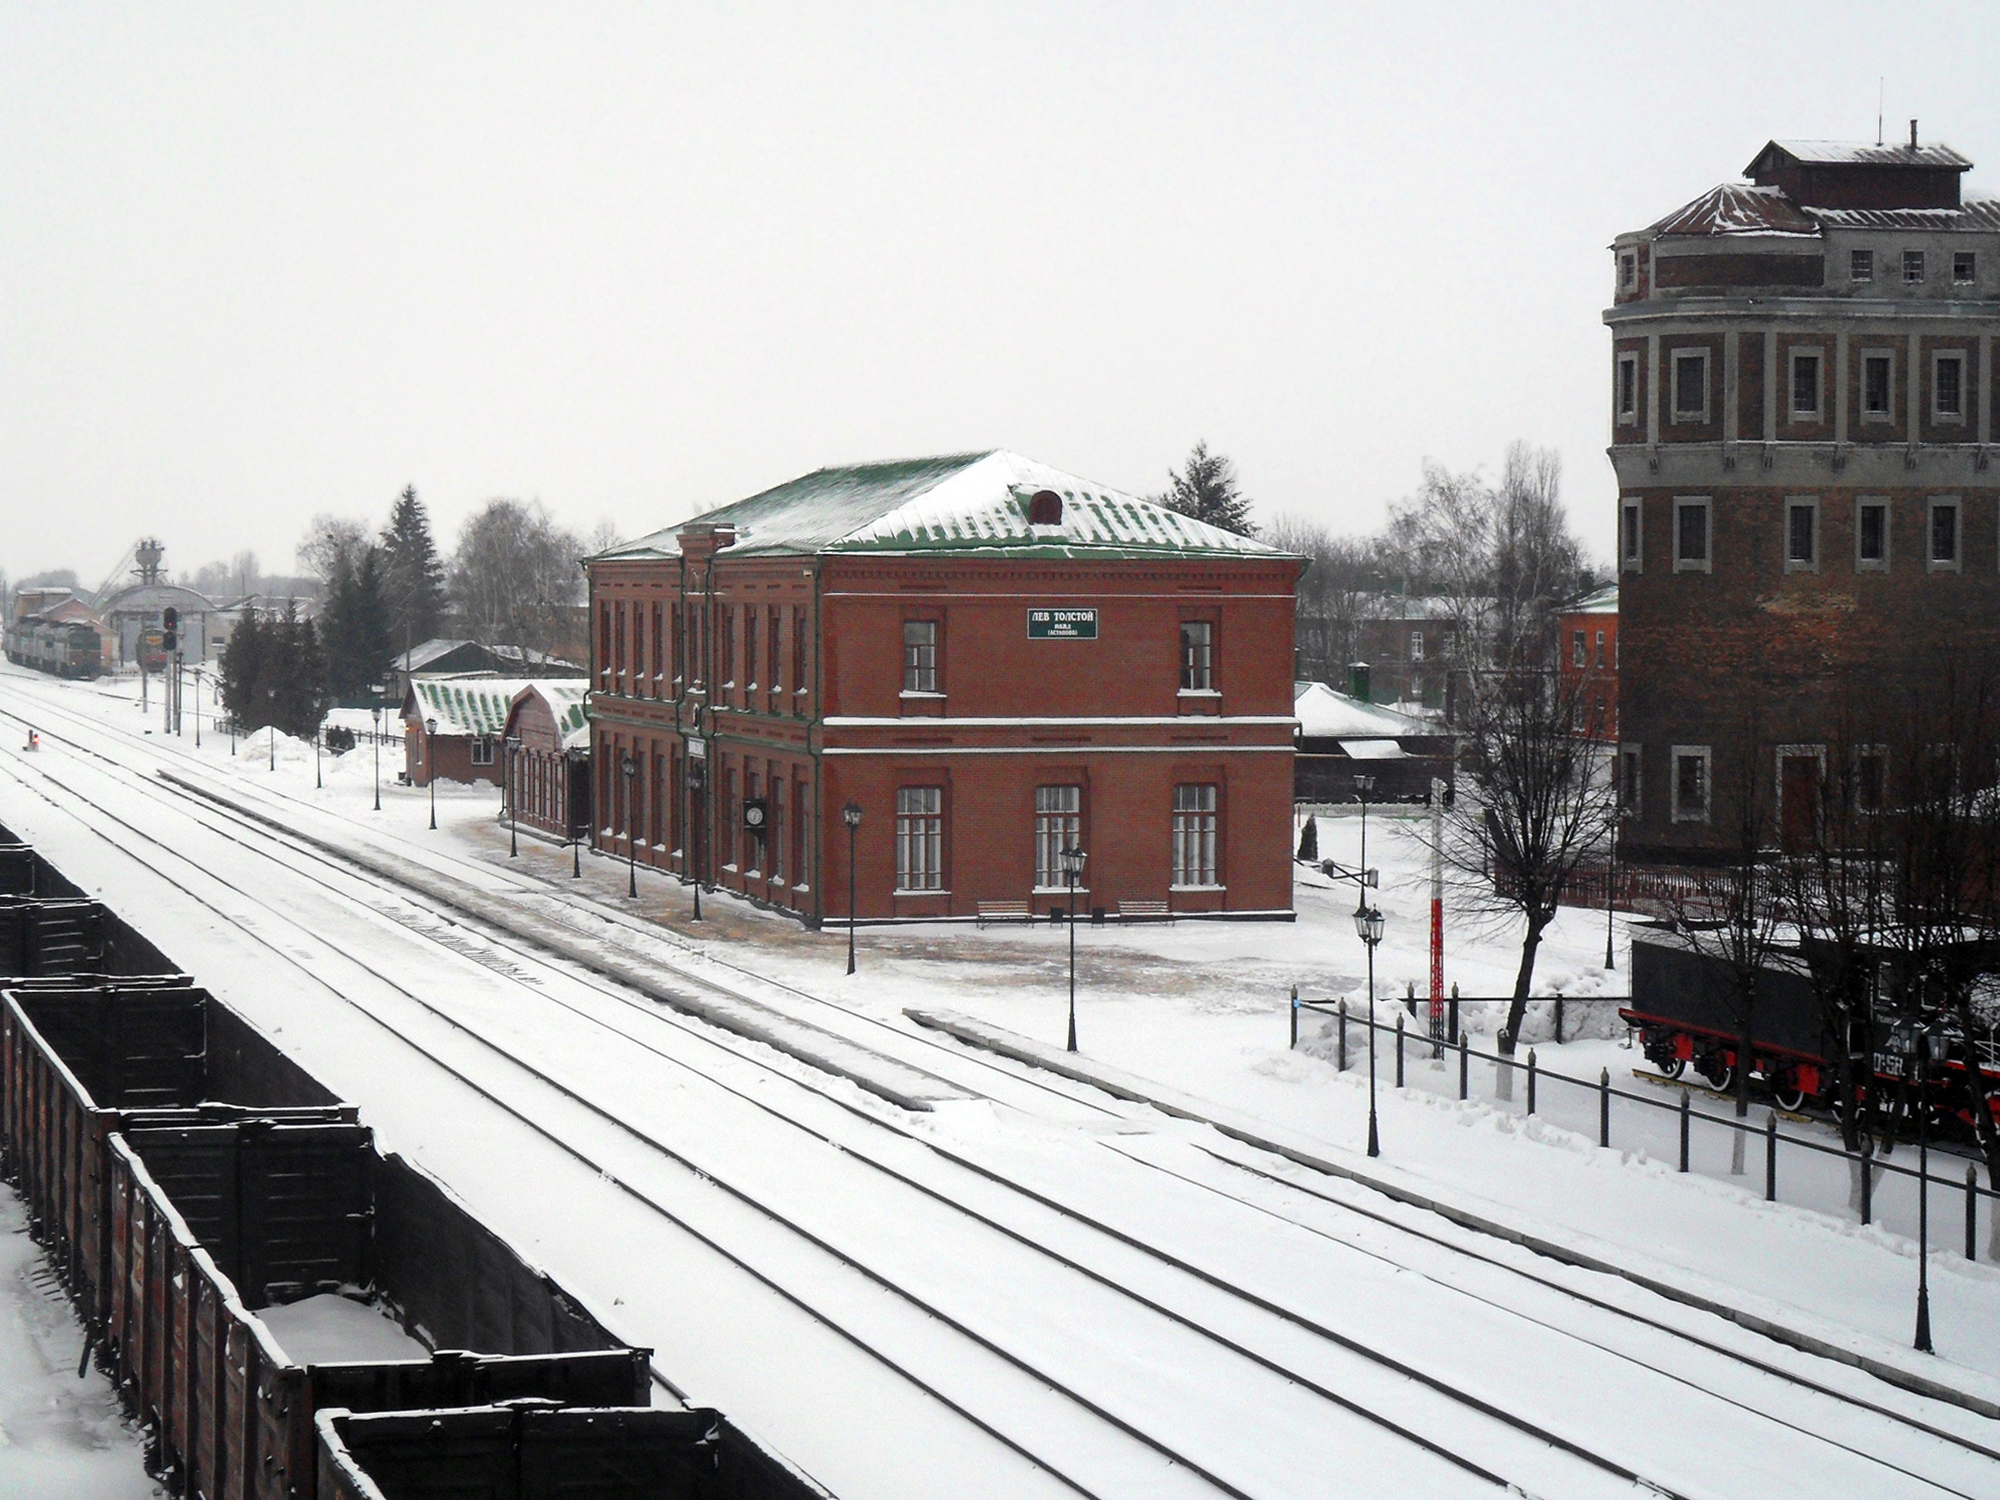 L'attuale stazione di Lev Tolstoj, già Astàpovo. Licenze Creative Commons